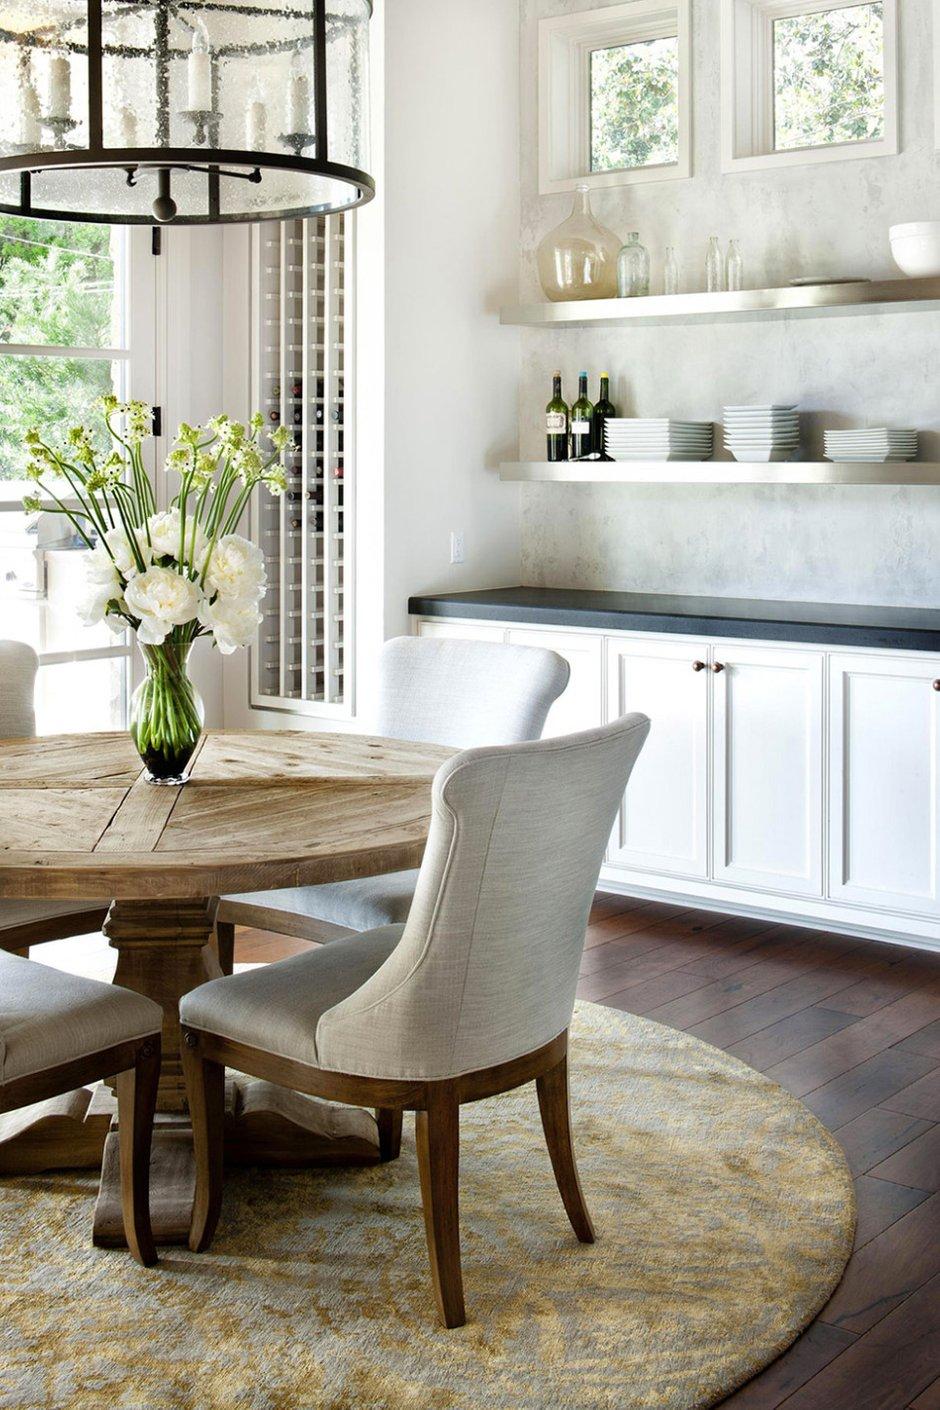 Фотография: Кухня и столовая в стиле Современный, Классический, Дом, Дома и квартиры, Шебби-шик, Индустриальный, Техас – фото на INMYROOM